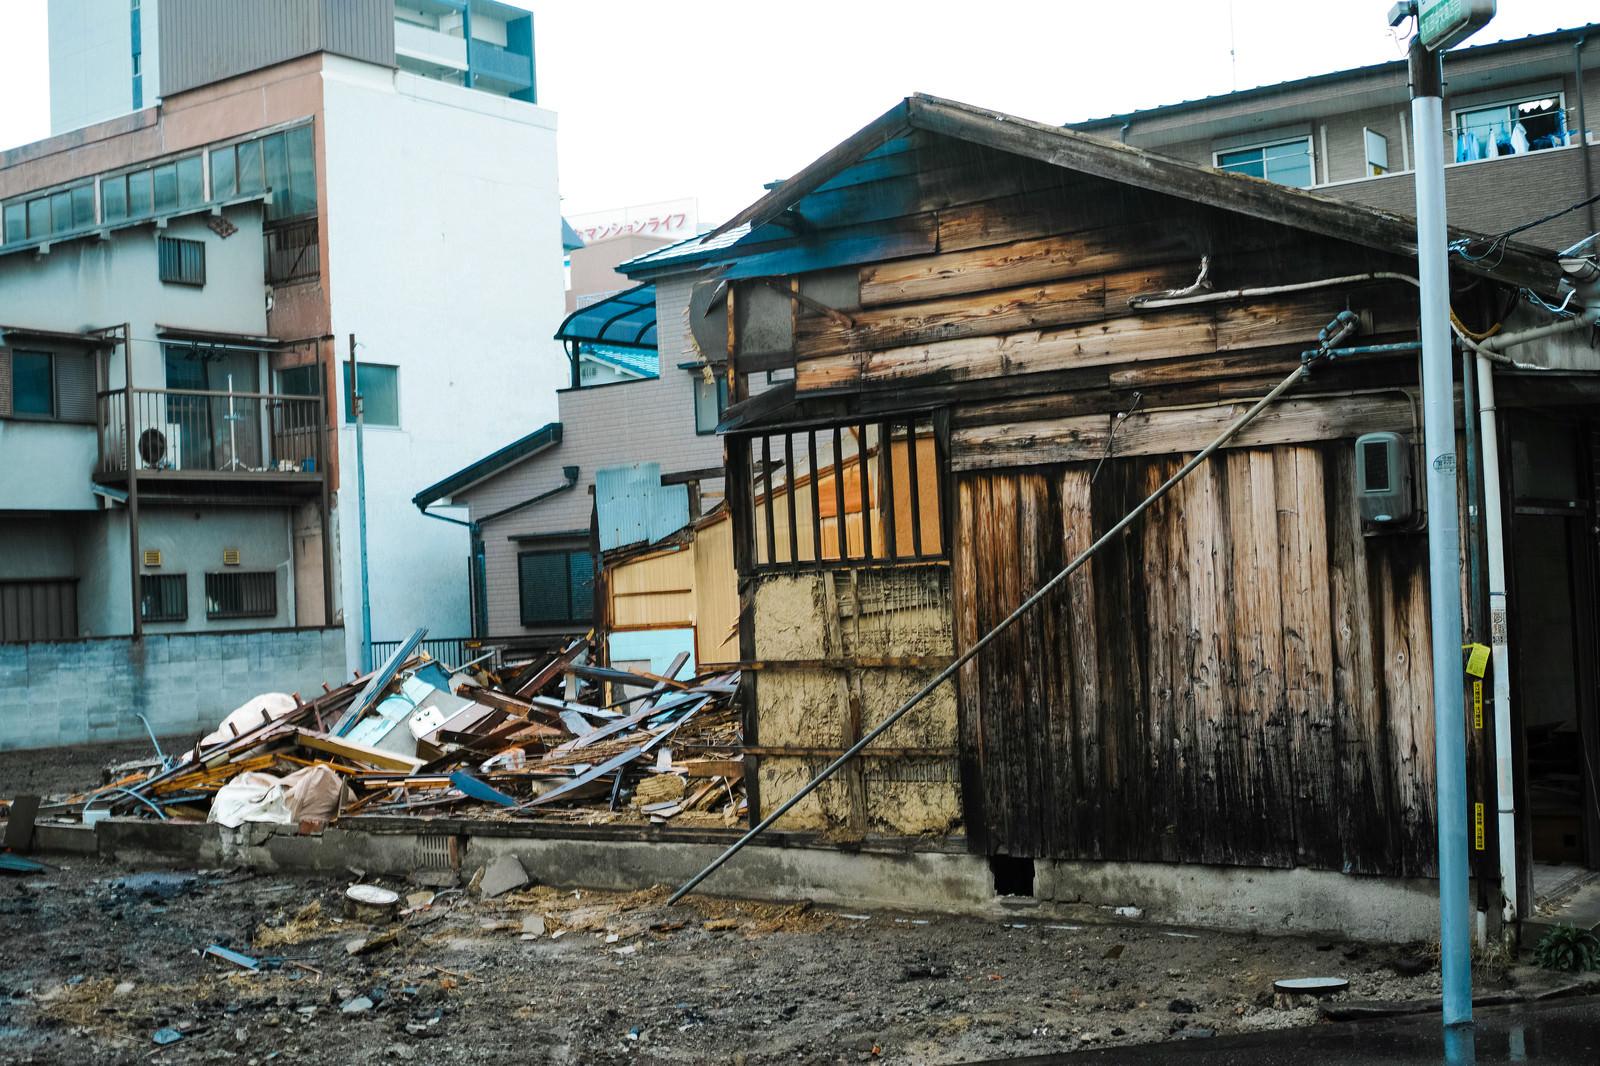 「他人が勝手に家屋を破壊しても「建造物損壊」にならないのか?」の写真